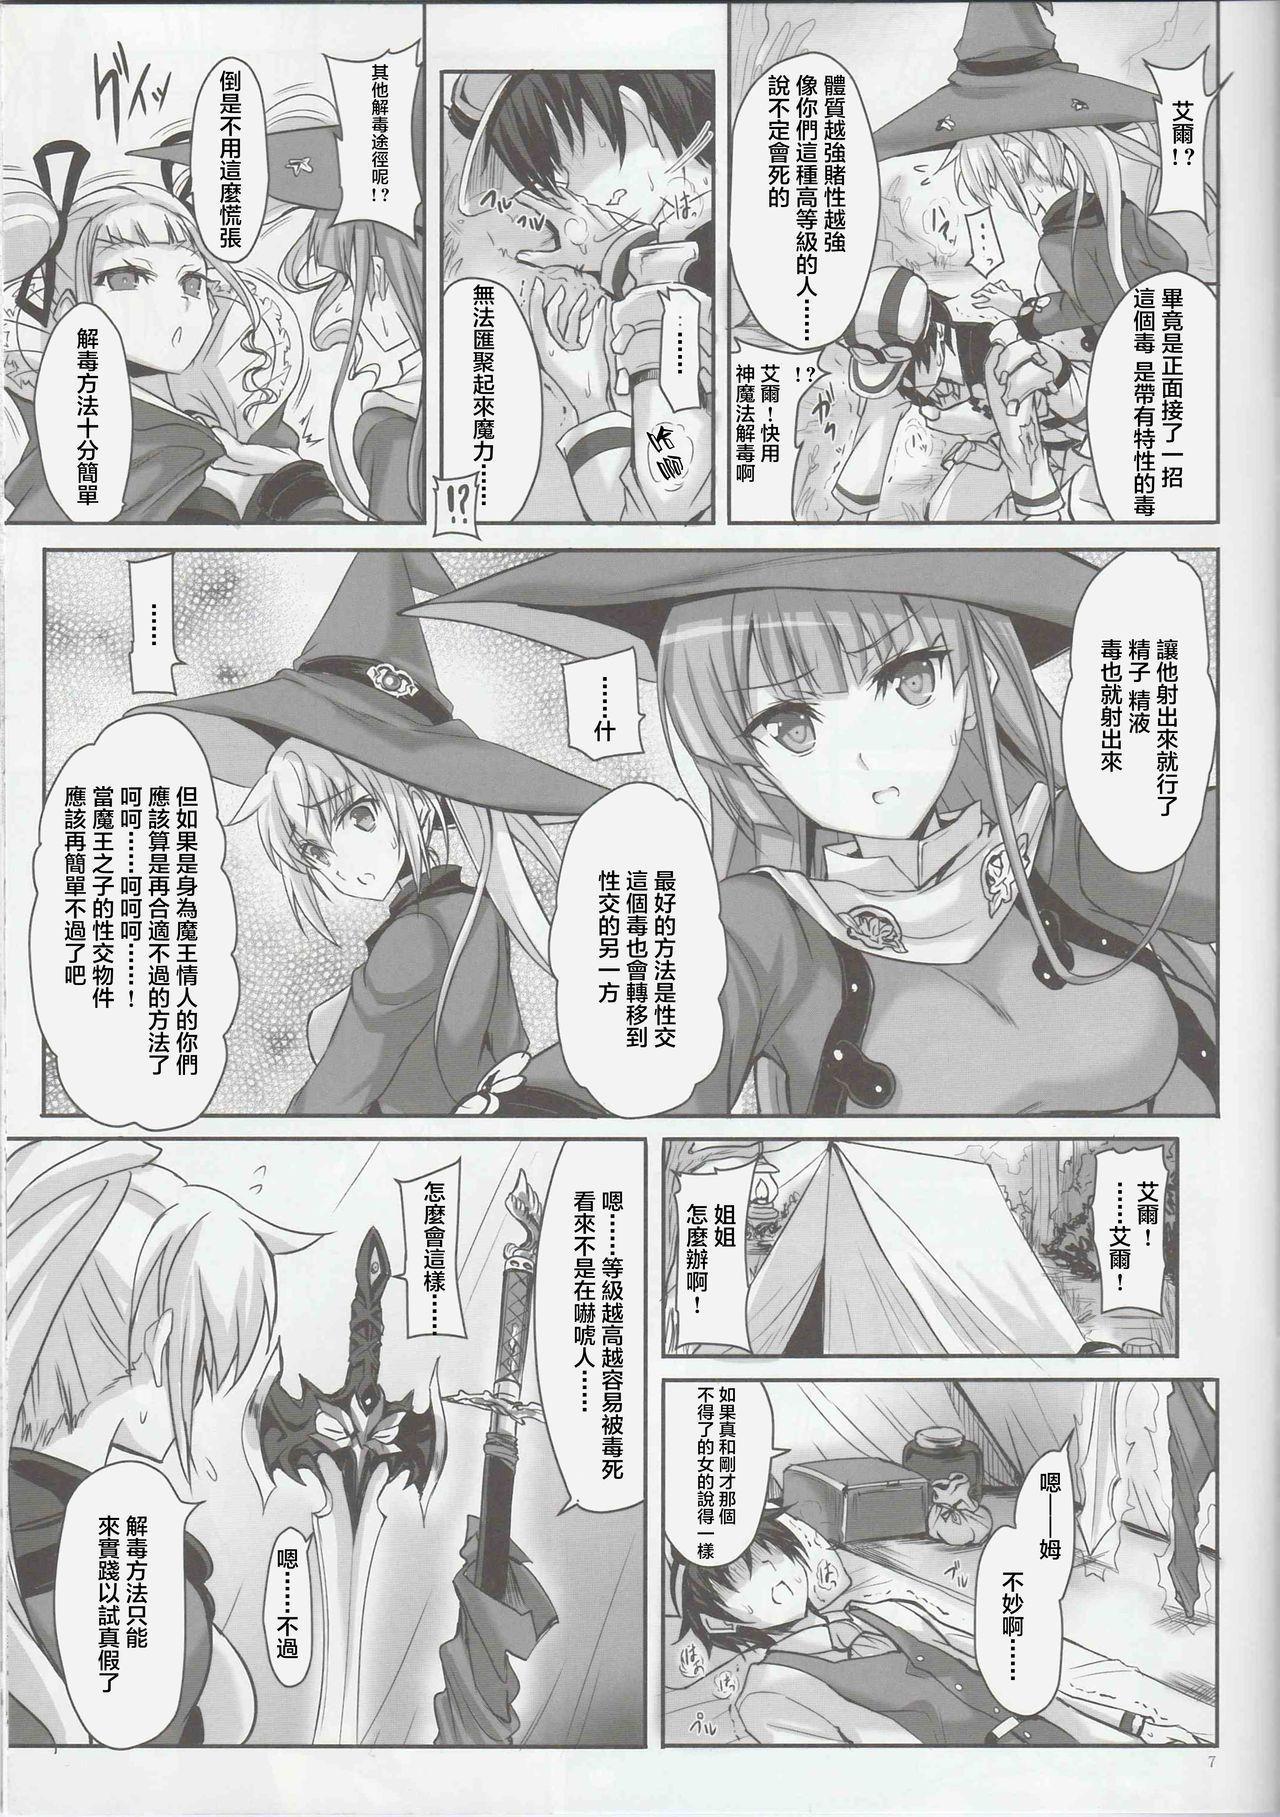 Anata no, Yasashikute Daisuki na Onee-chans.   溫柔賢惠的姐姐 送給最愛她們的你。 6